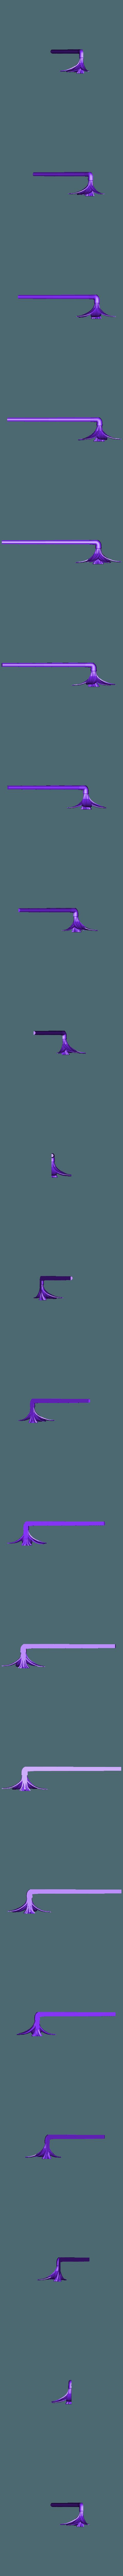 narcissus_type_b_split_left.stl Télécharger fichier STL gratuit Narcisses de printemps • Design imprimable en 3D, tone001